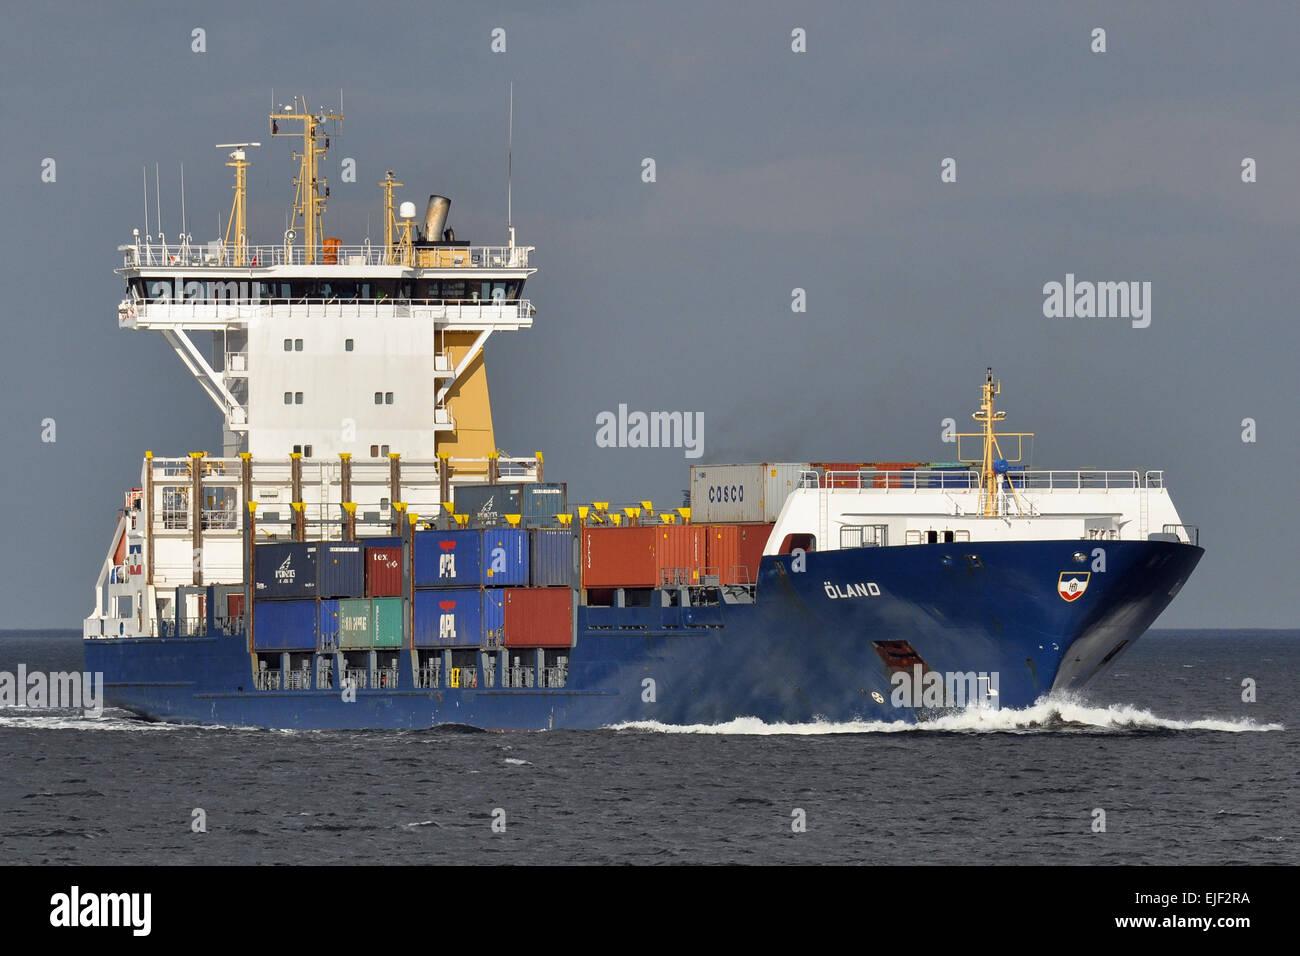 Feedervessel Öland inbound Kiel Fjord - Stock Image